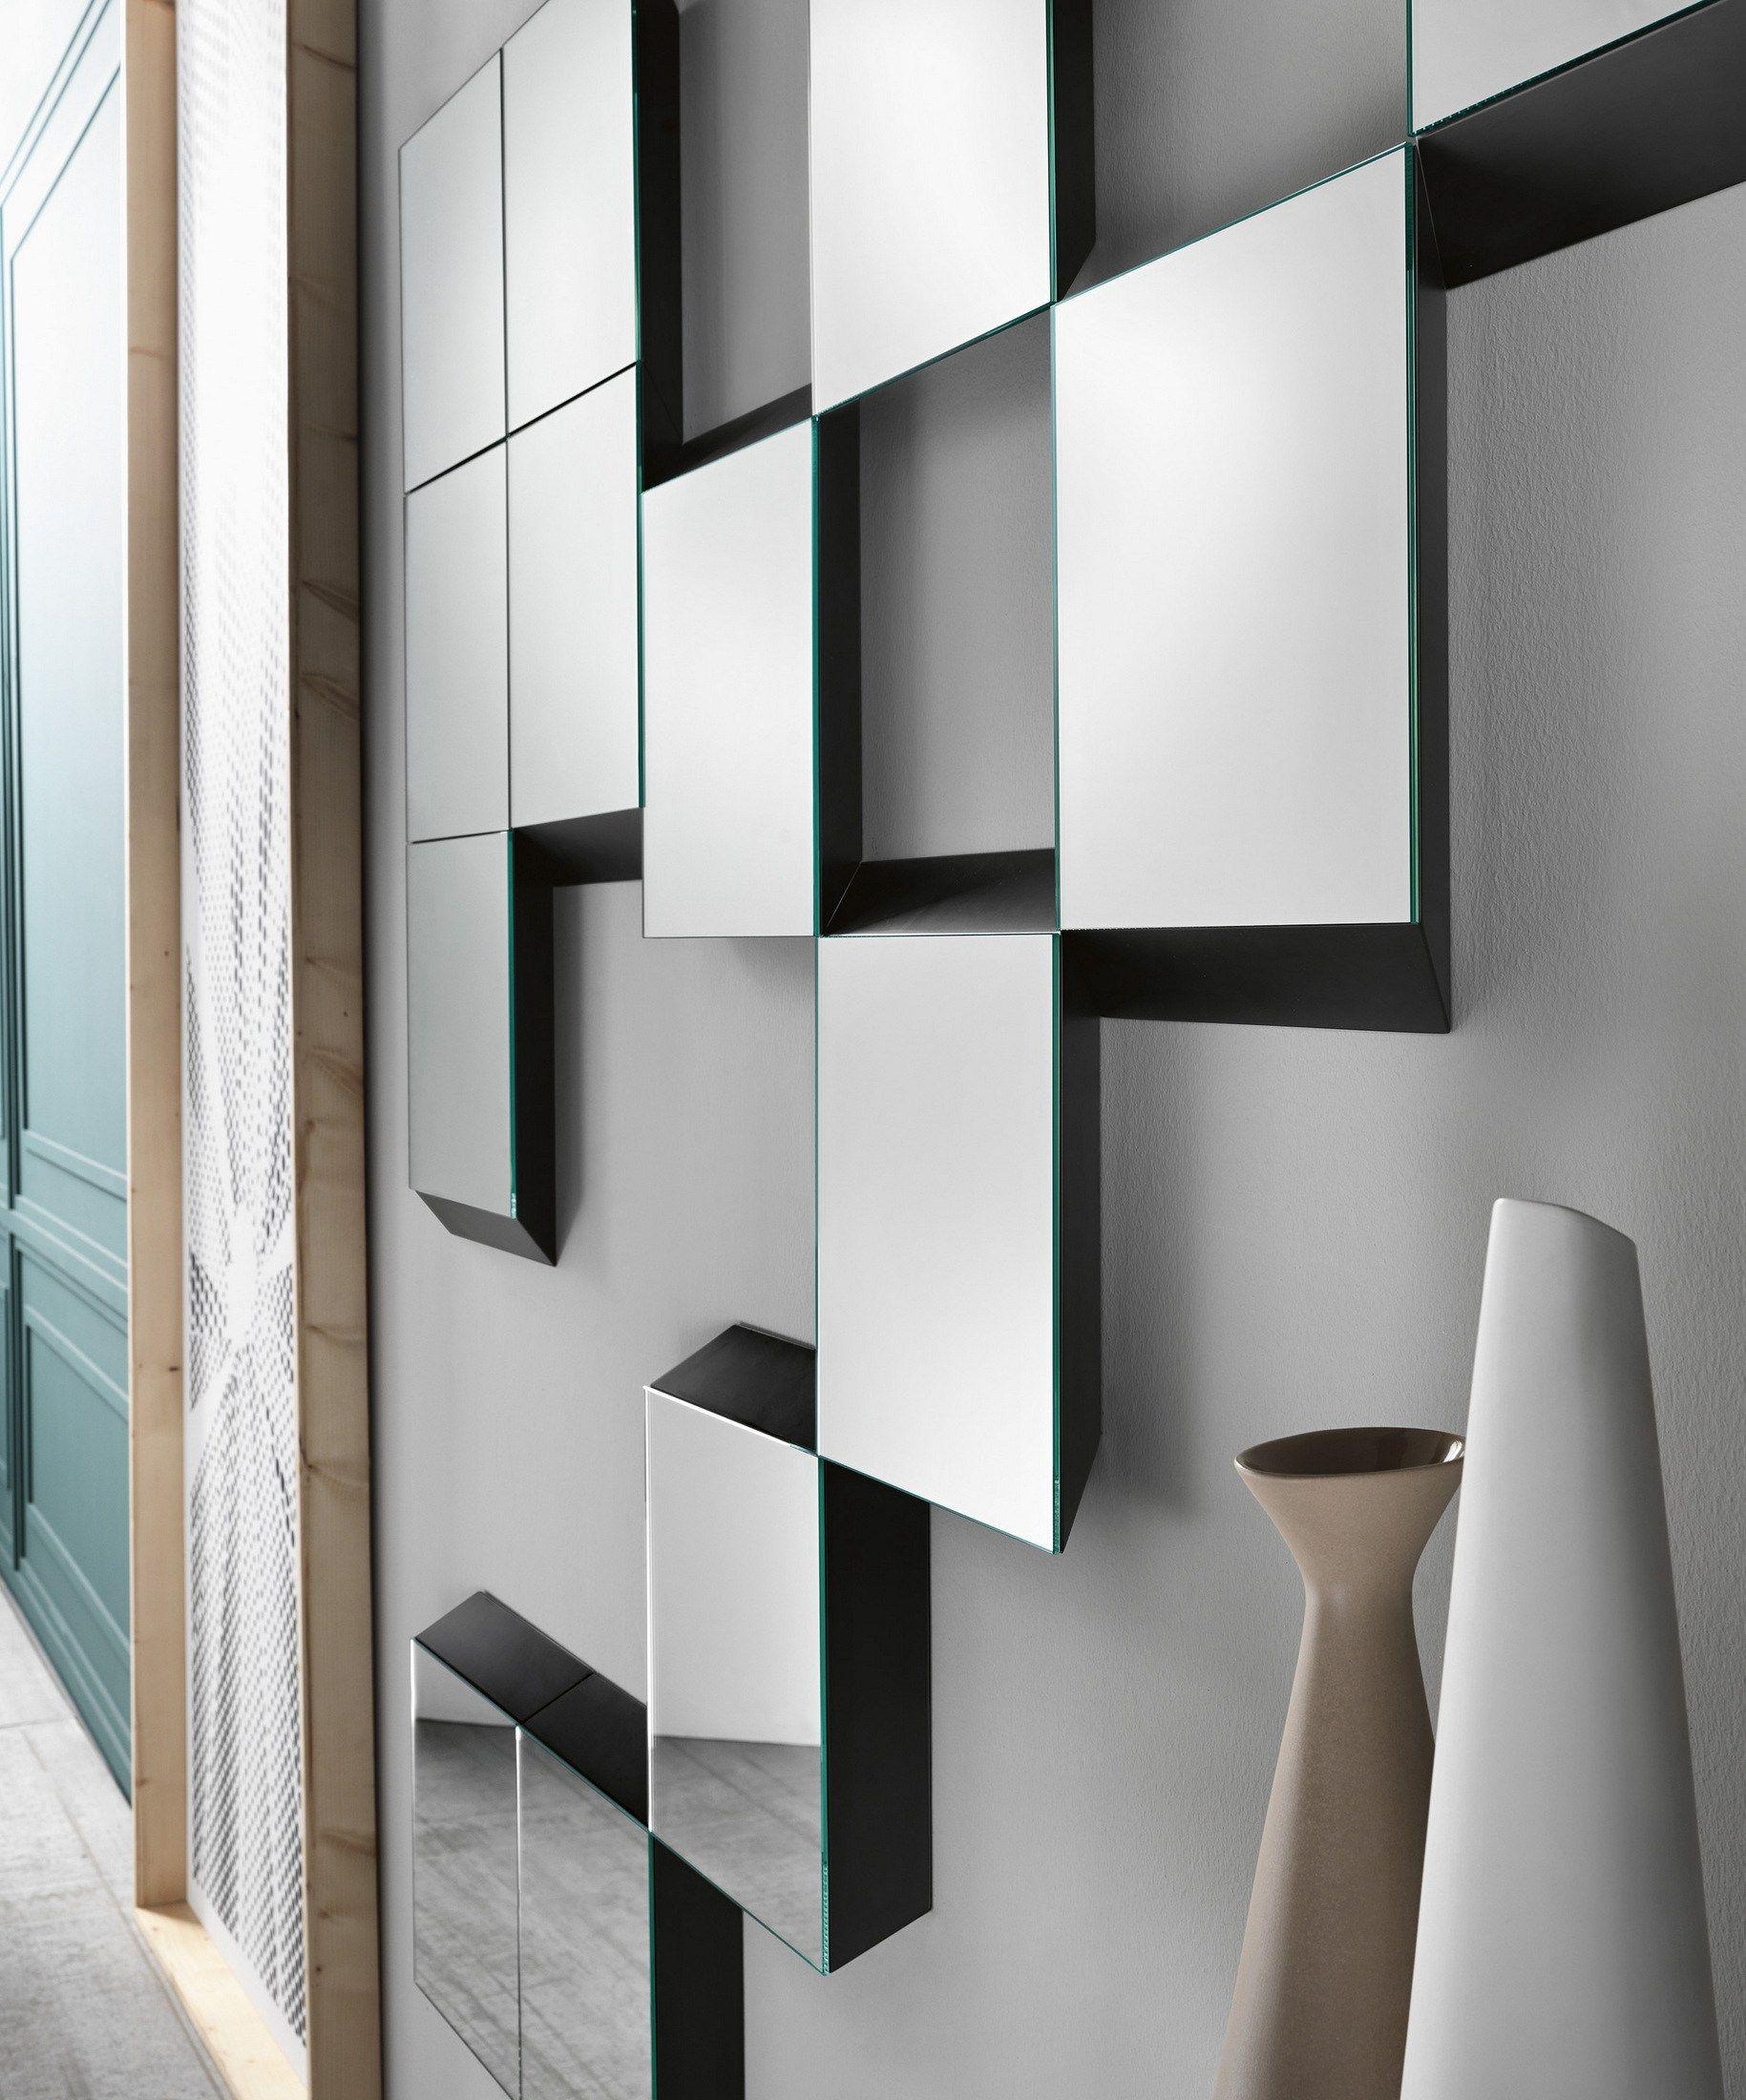 Espejo rectangular de pared con marco GUIDORICCIO by T.D. Tonelli ...